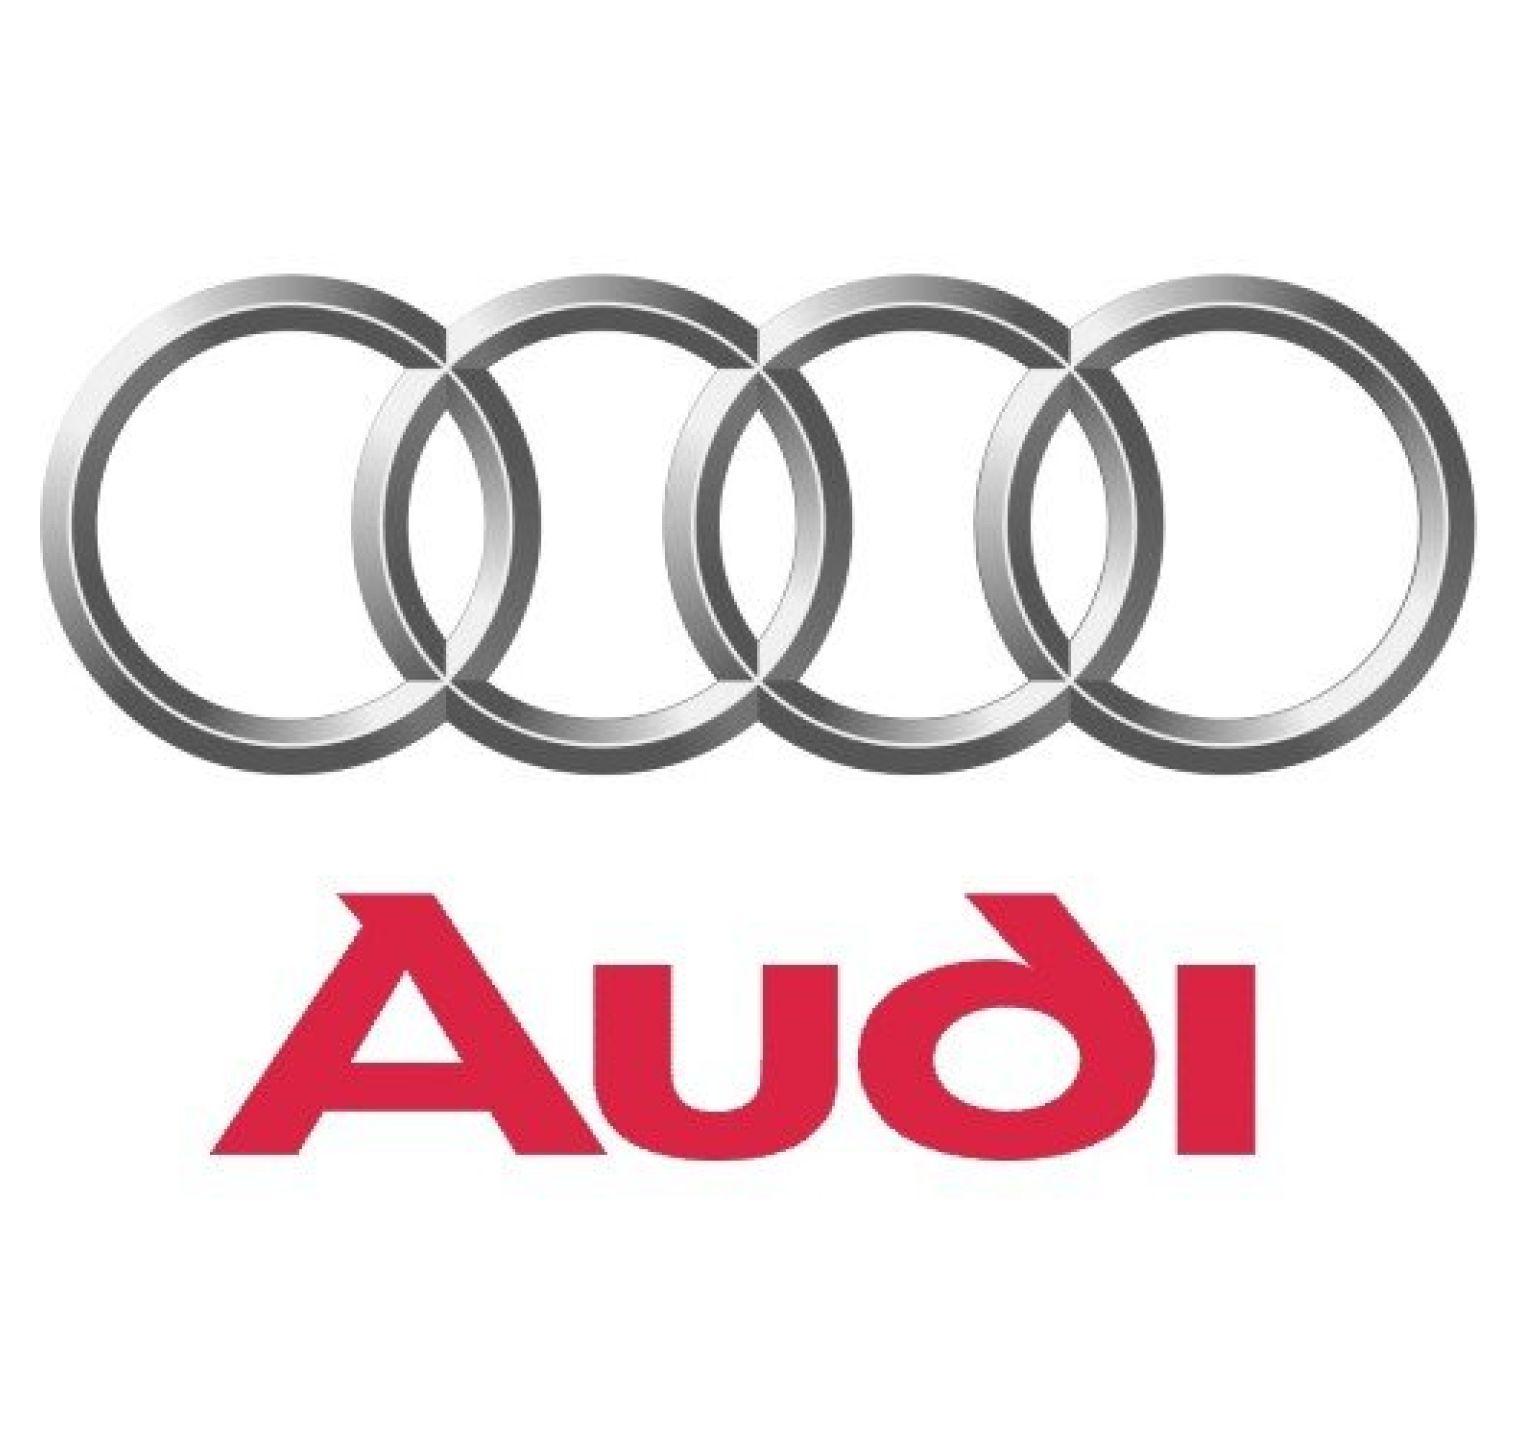 Audi Tt (1998 t/m 2006) - set ruitenwissers Valeo Silencio flatblade